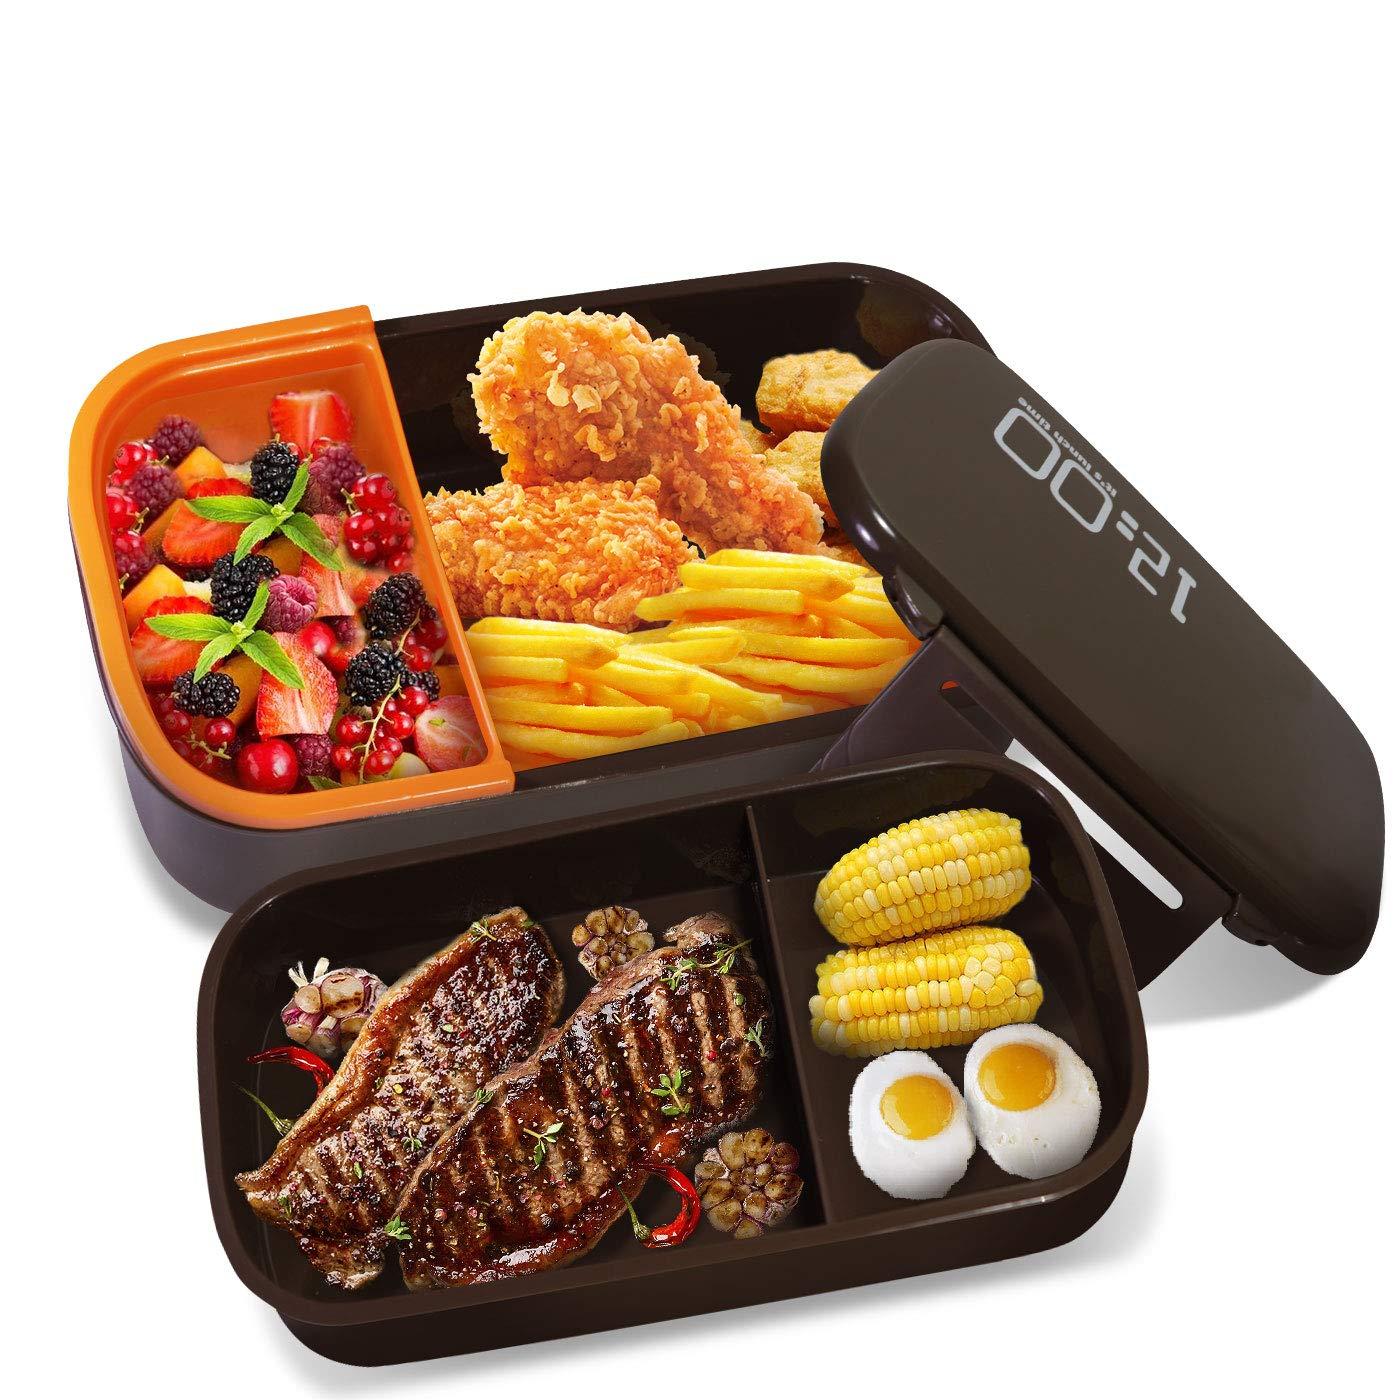 Oursun Bento Box Trabajo Microondas Fiambrera para Sandwich Lunch Box con Compartimentos, Contenedor Alimentos 100% sin bpa, Caja Fuerte para Microondas y ...